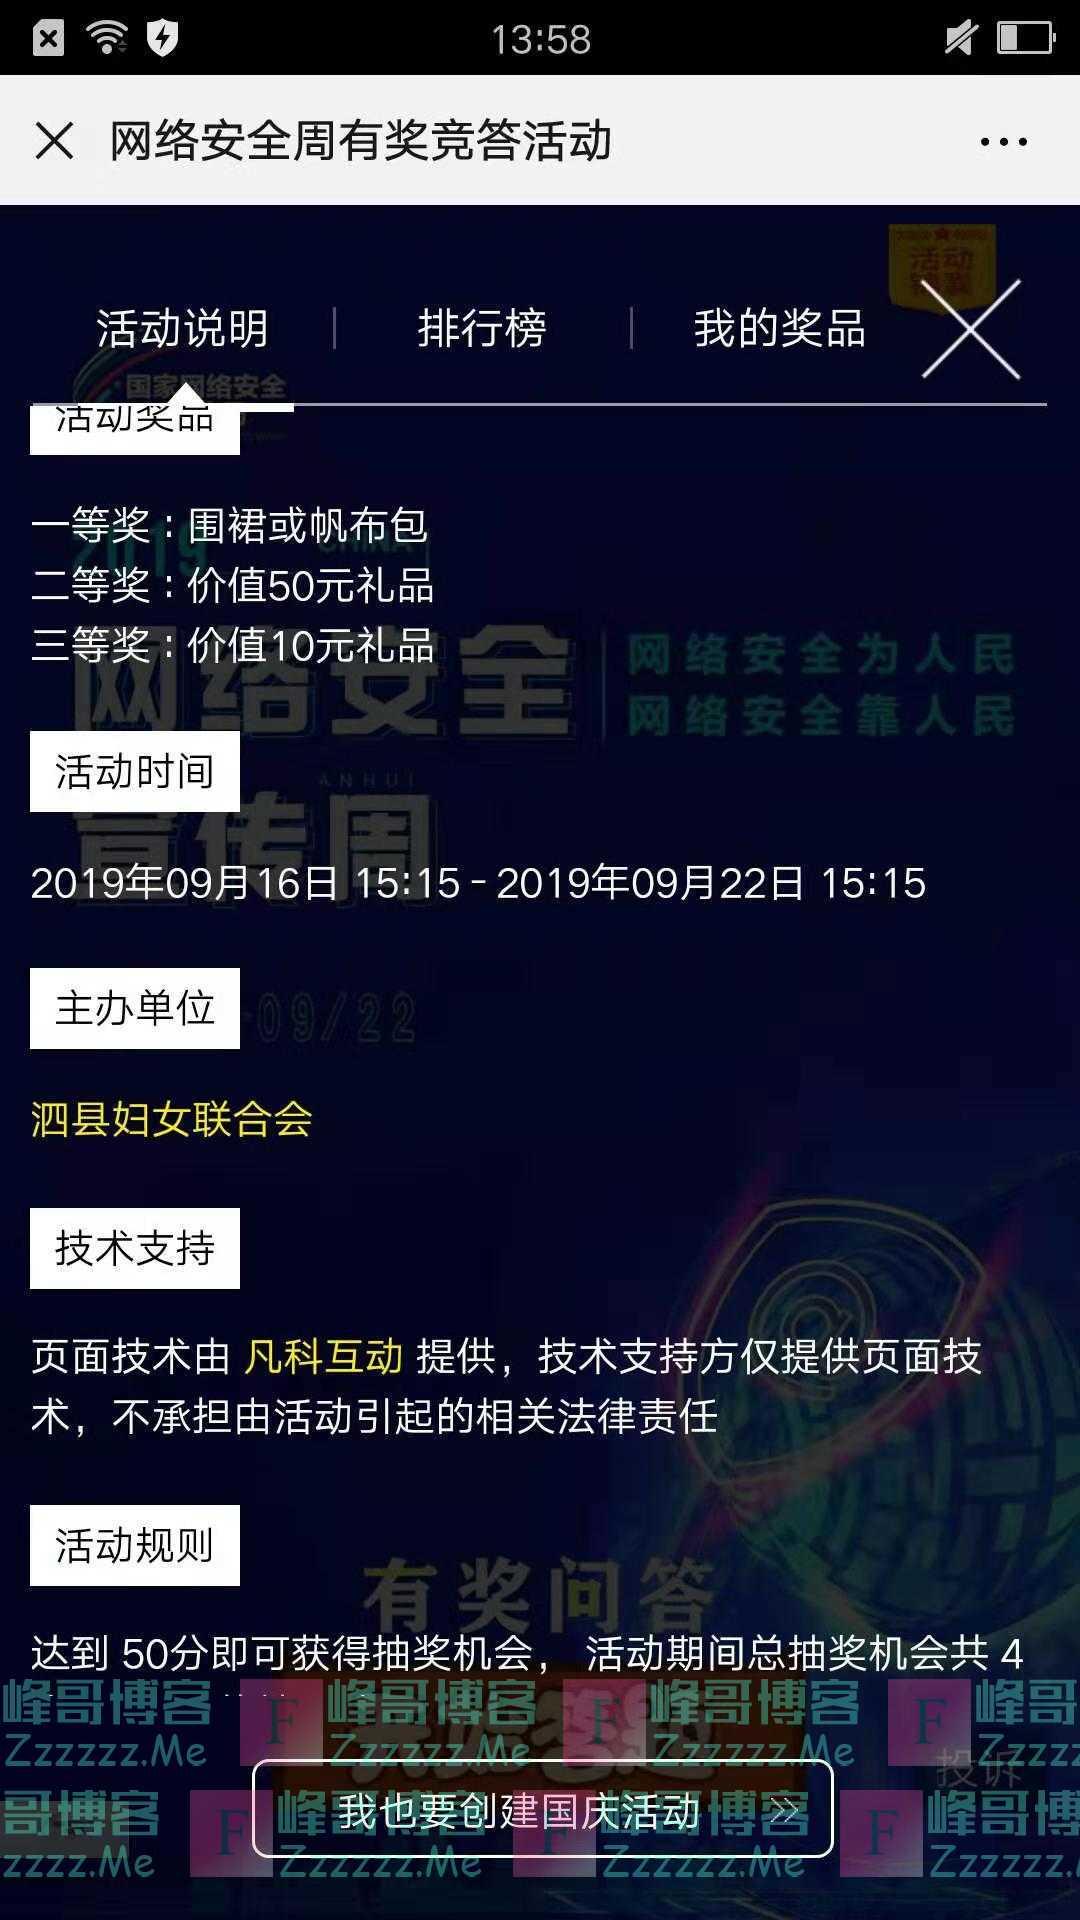 融E联问鼎智多星(截止9月23日)